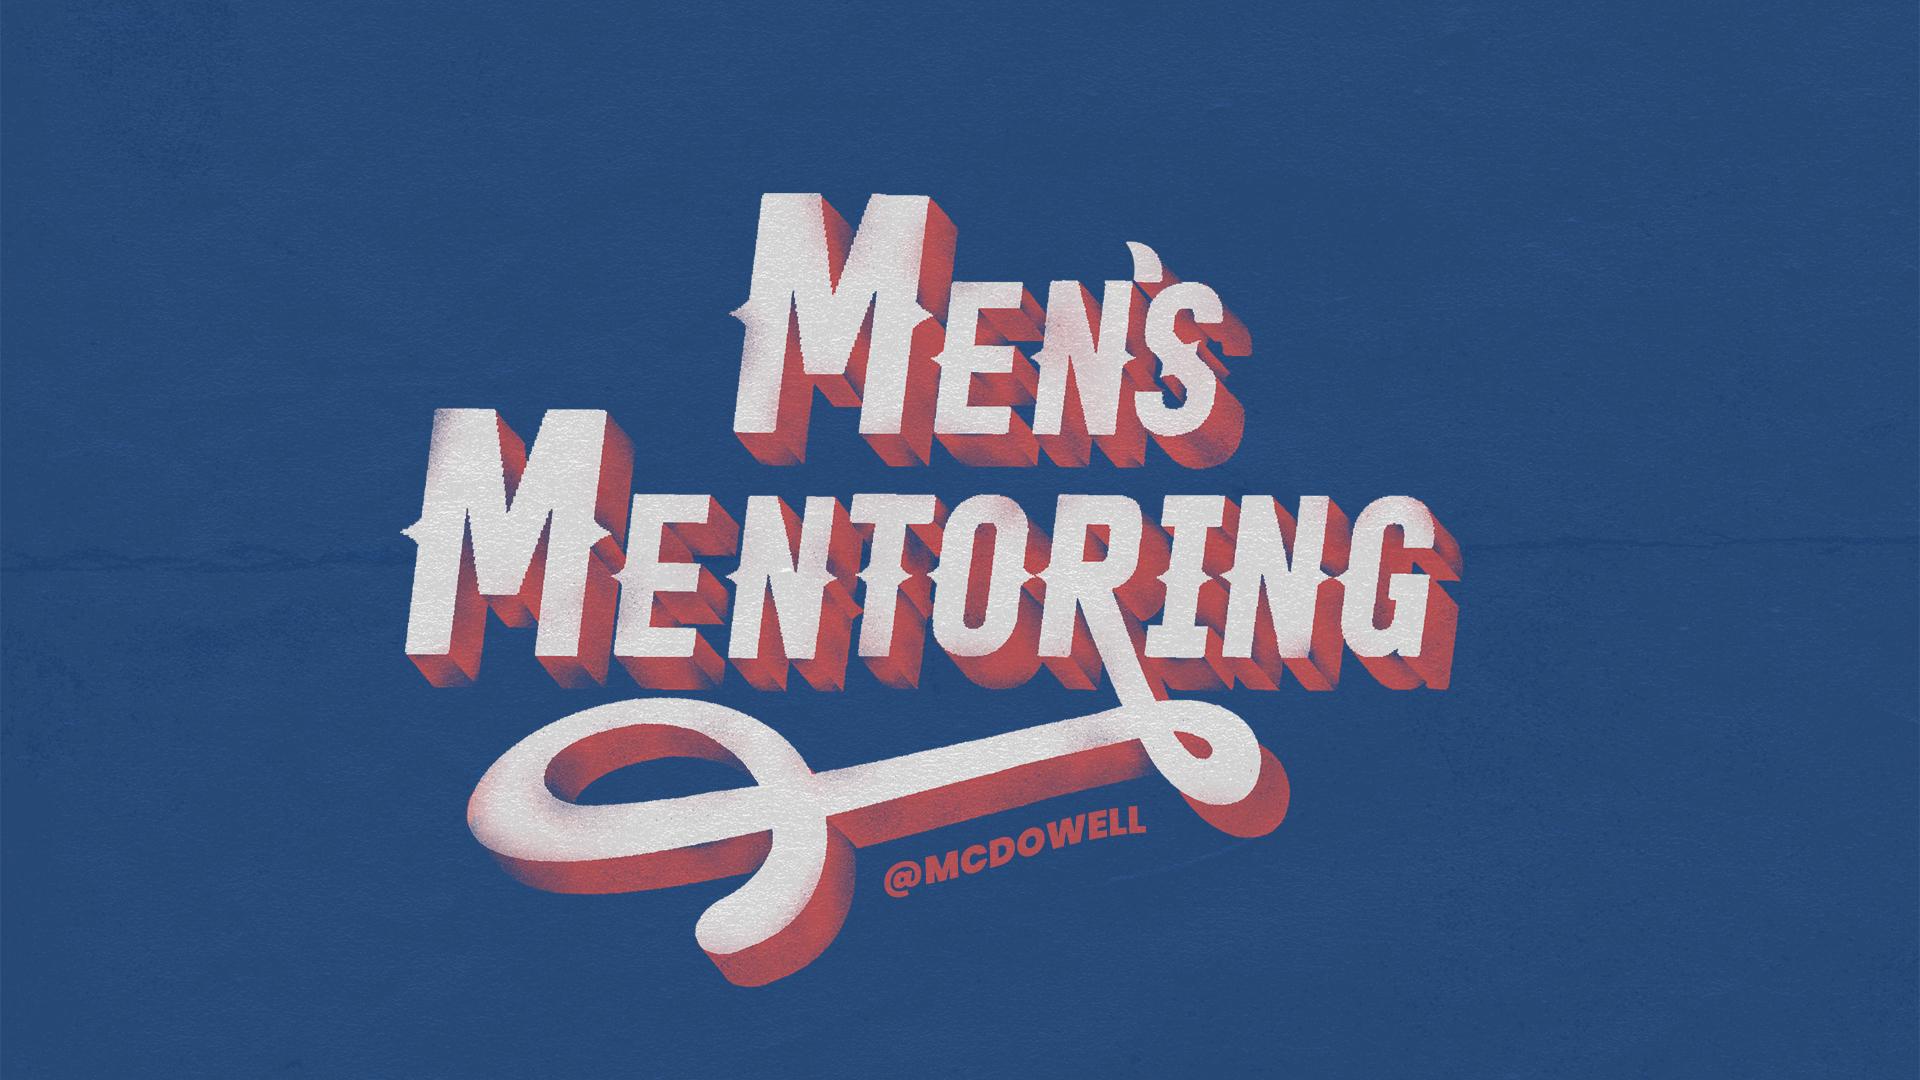 Mens Mentoring